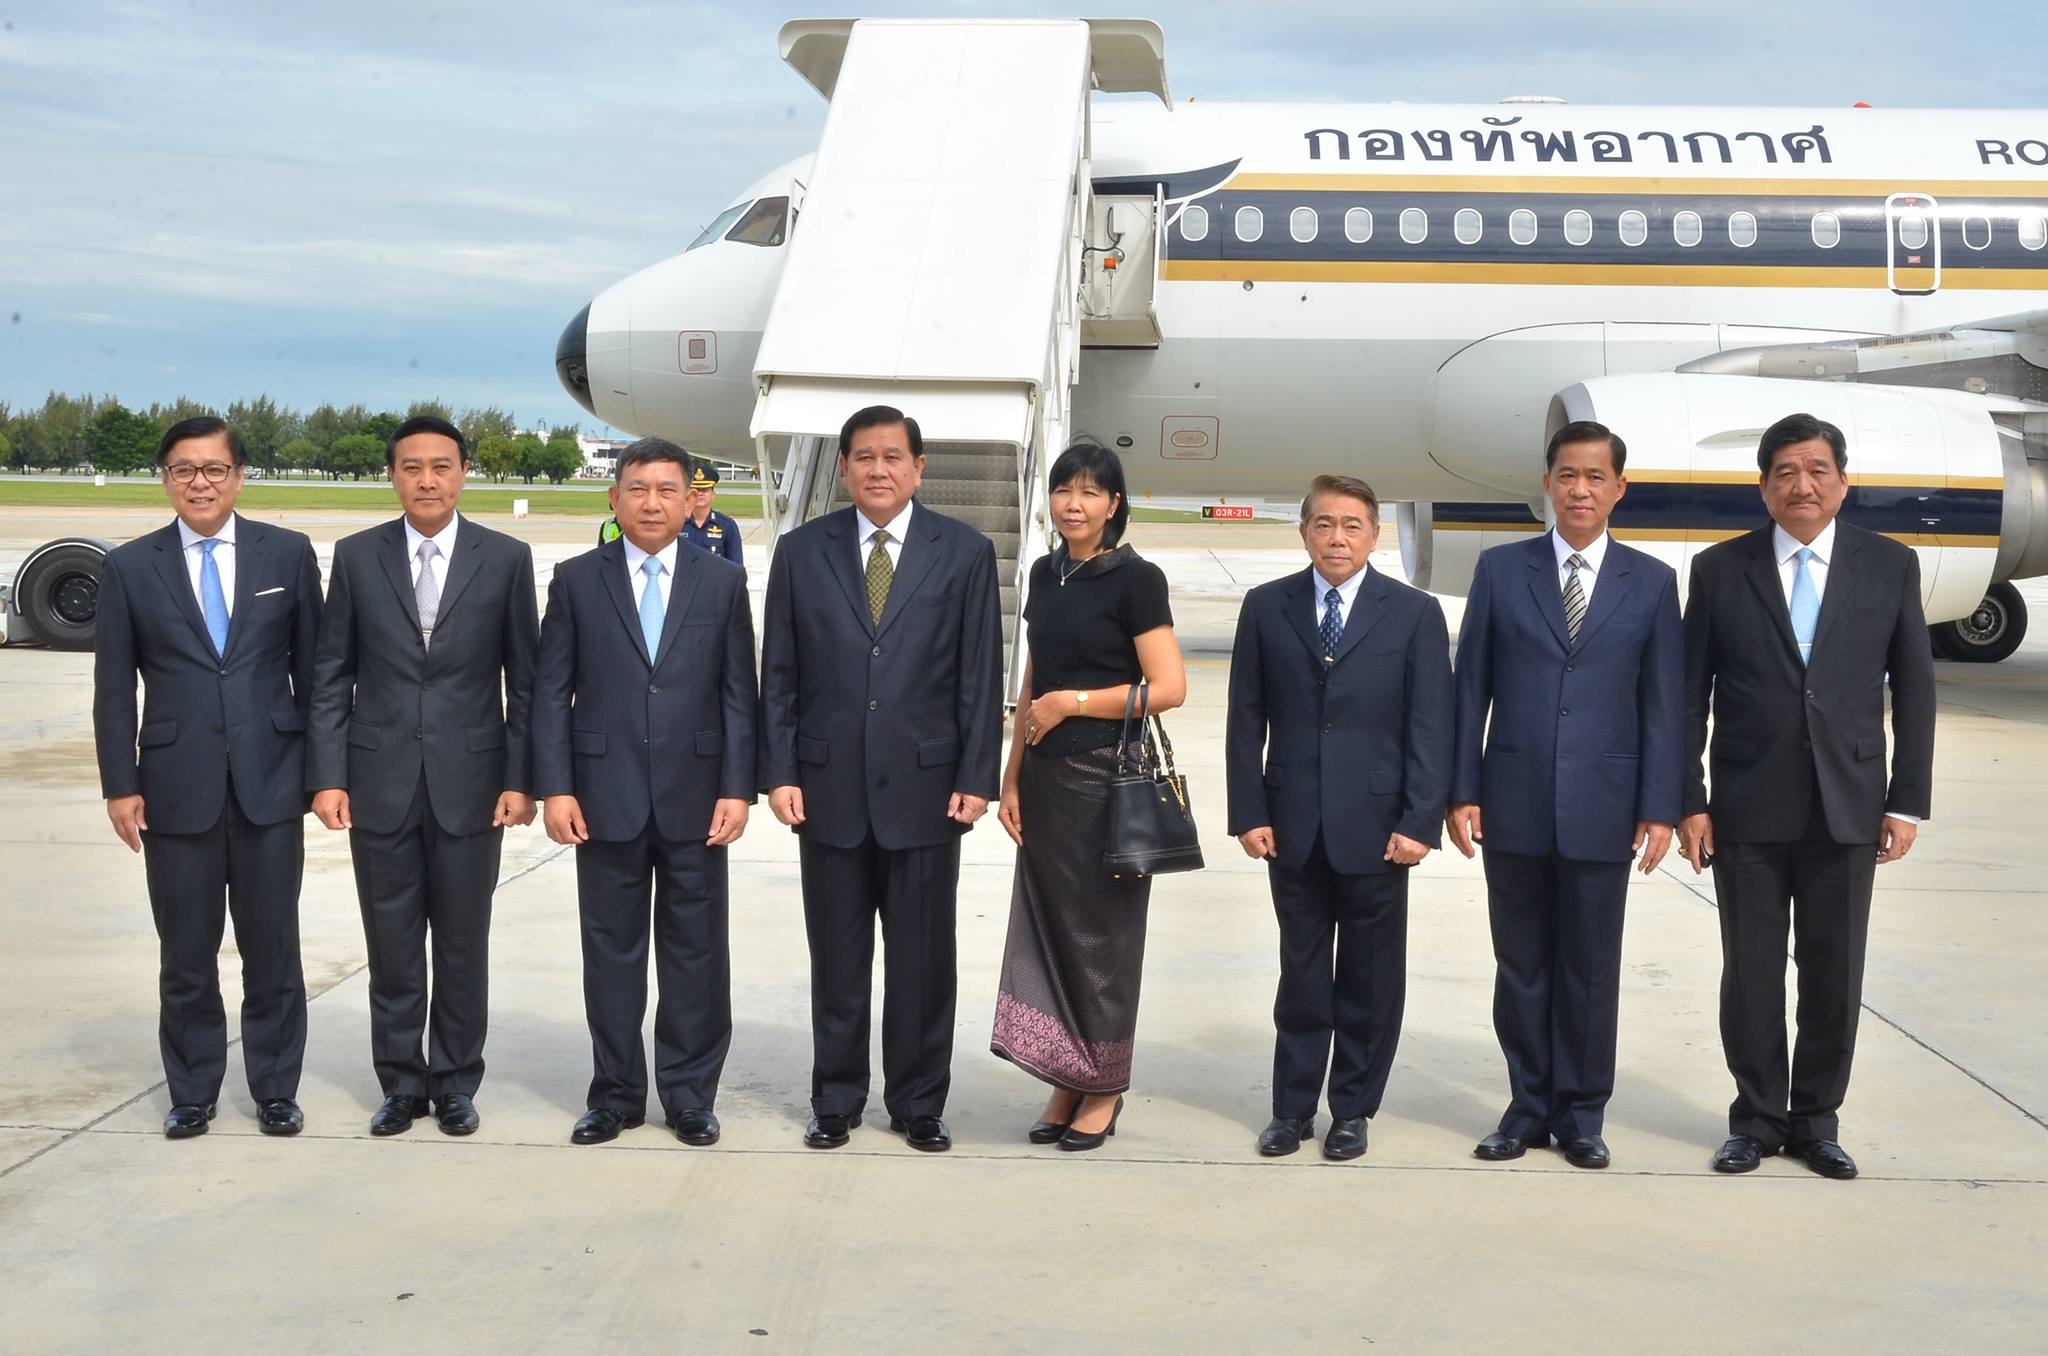 ผู้บัญชาการทหารอากาศ และรัฐมนตรีว่าการกระทรวงคมนาคม  ร่วมคณะเดินทางเยือนราชอาณาจักรกัมพูชาอย่างเป็นทางการ